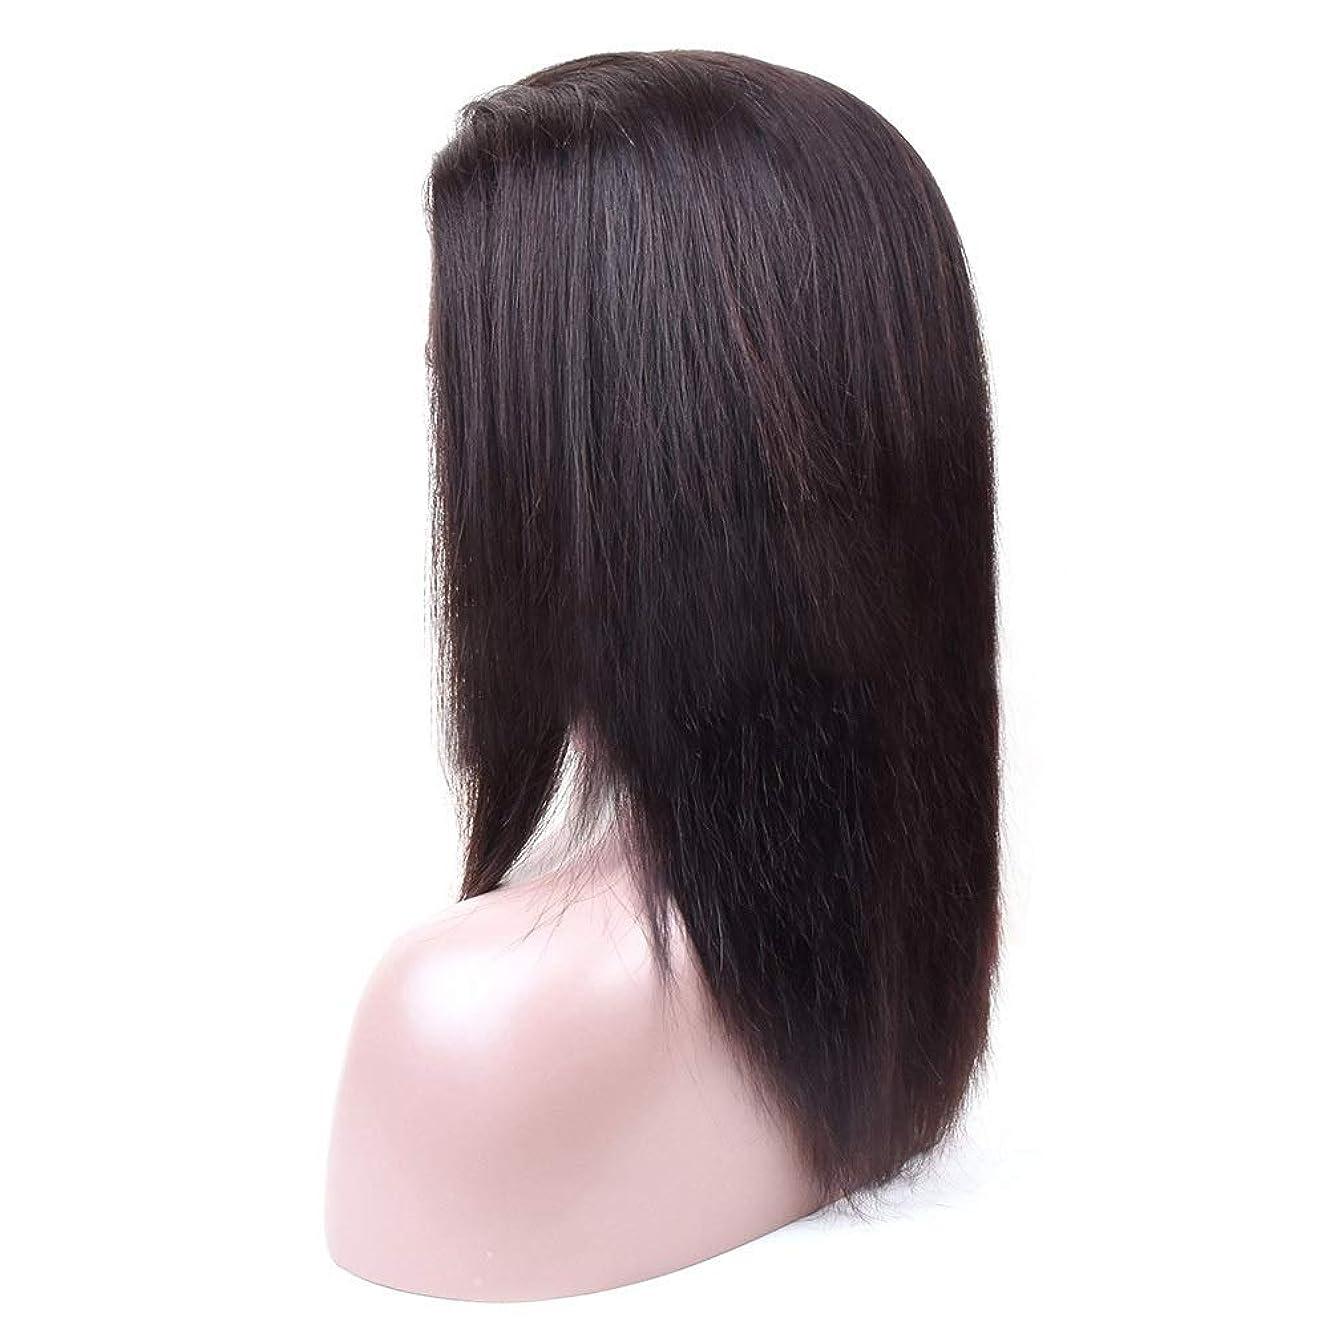 ミュート加害者サミットWASAIO ブラジルのレースフロントかつらバージン人間の髪の毛のグルーレス360レース前頭人間の髪の毛のかつら (色 : 黒, サイズ : 20 inch)